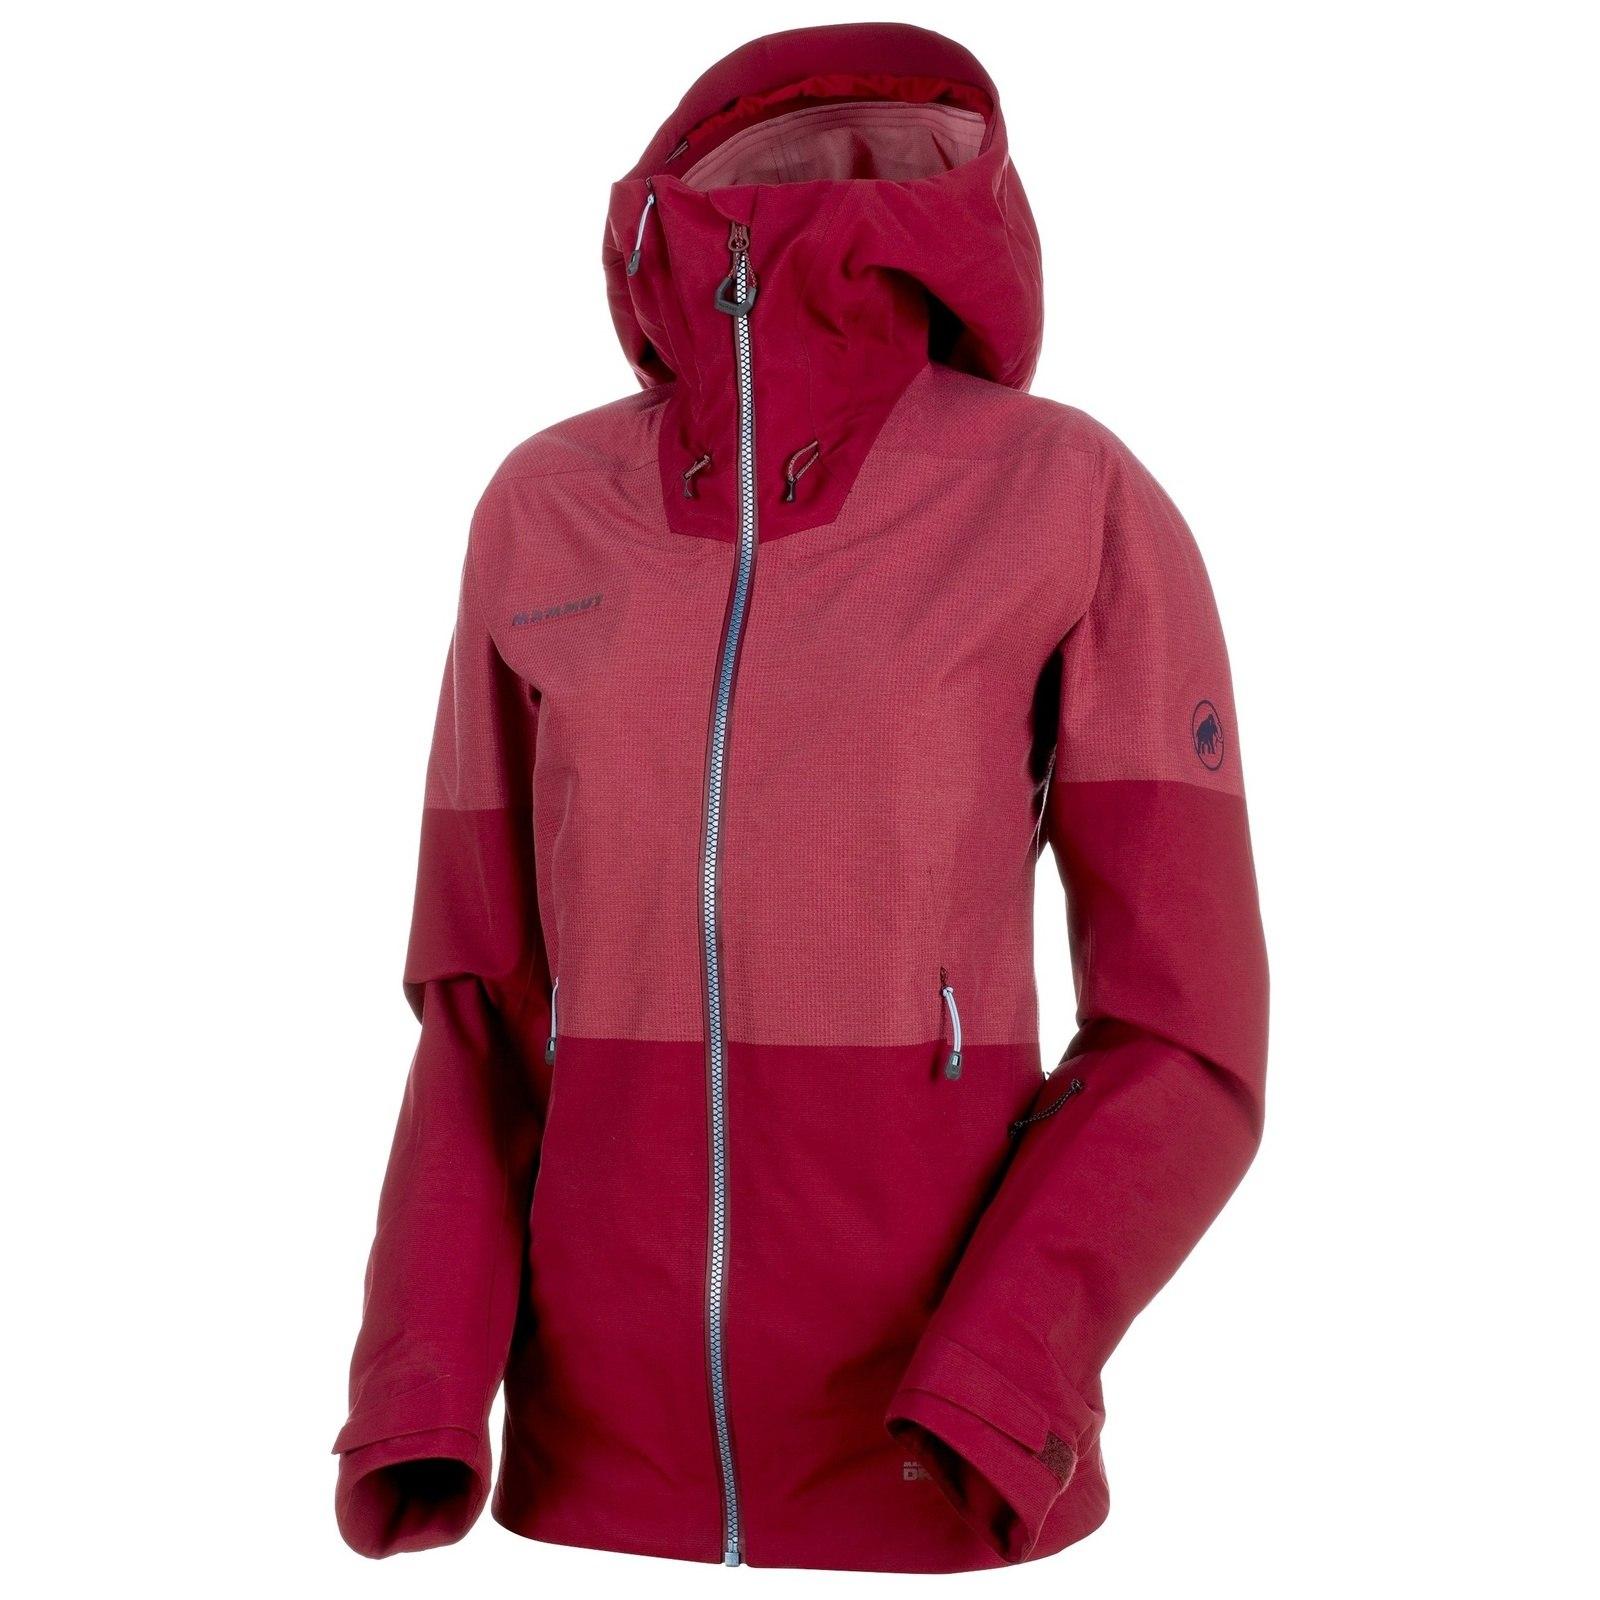 the best attitude 282e5 e4148 Women's Mammut Alvier Armor HS Hooded Ski Jacket